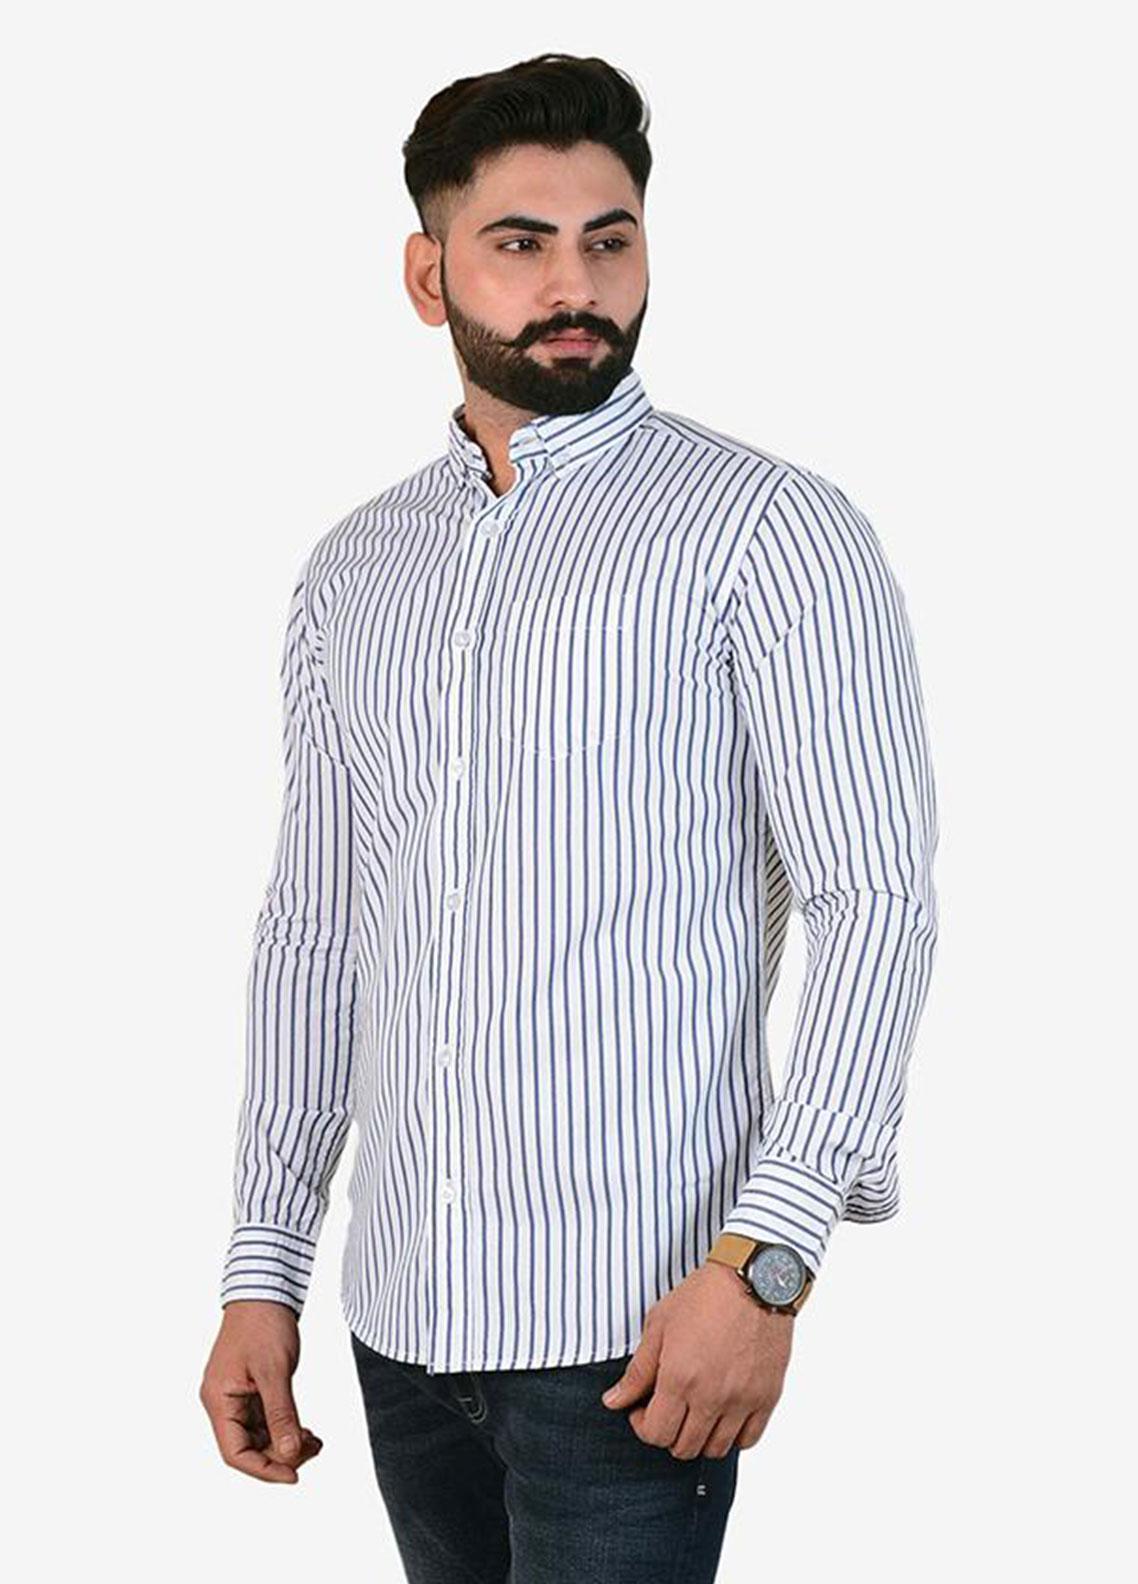 Ignite Wardrobe Cotton Semi Formal Lining Shirts for Men -  IG20SHM 027